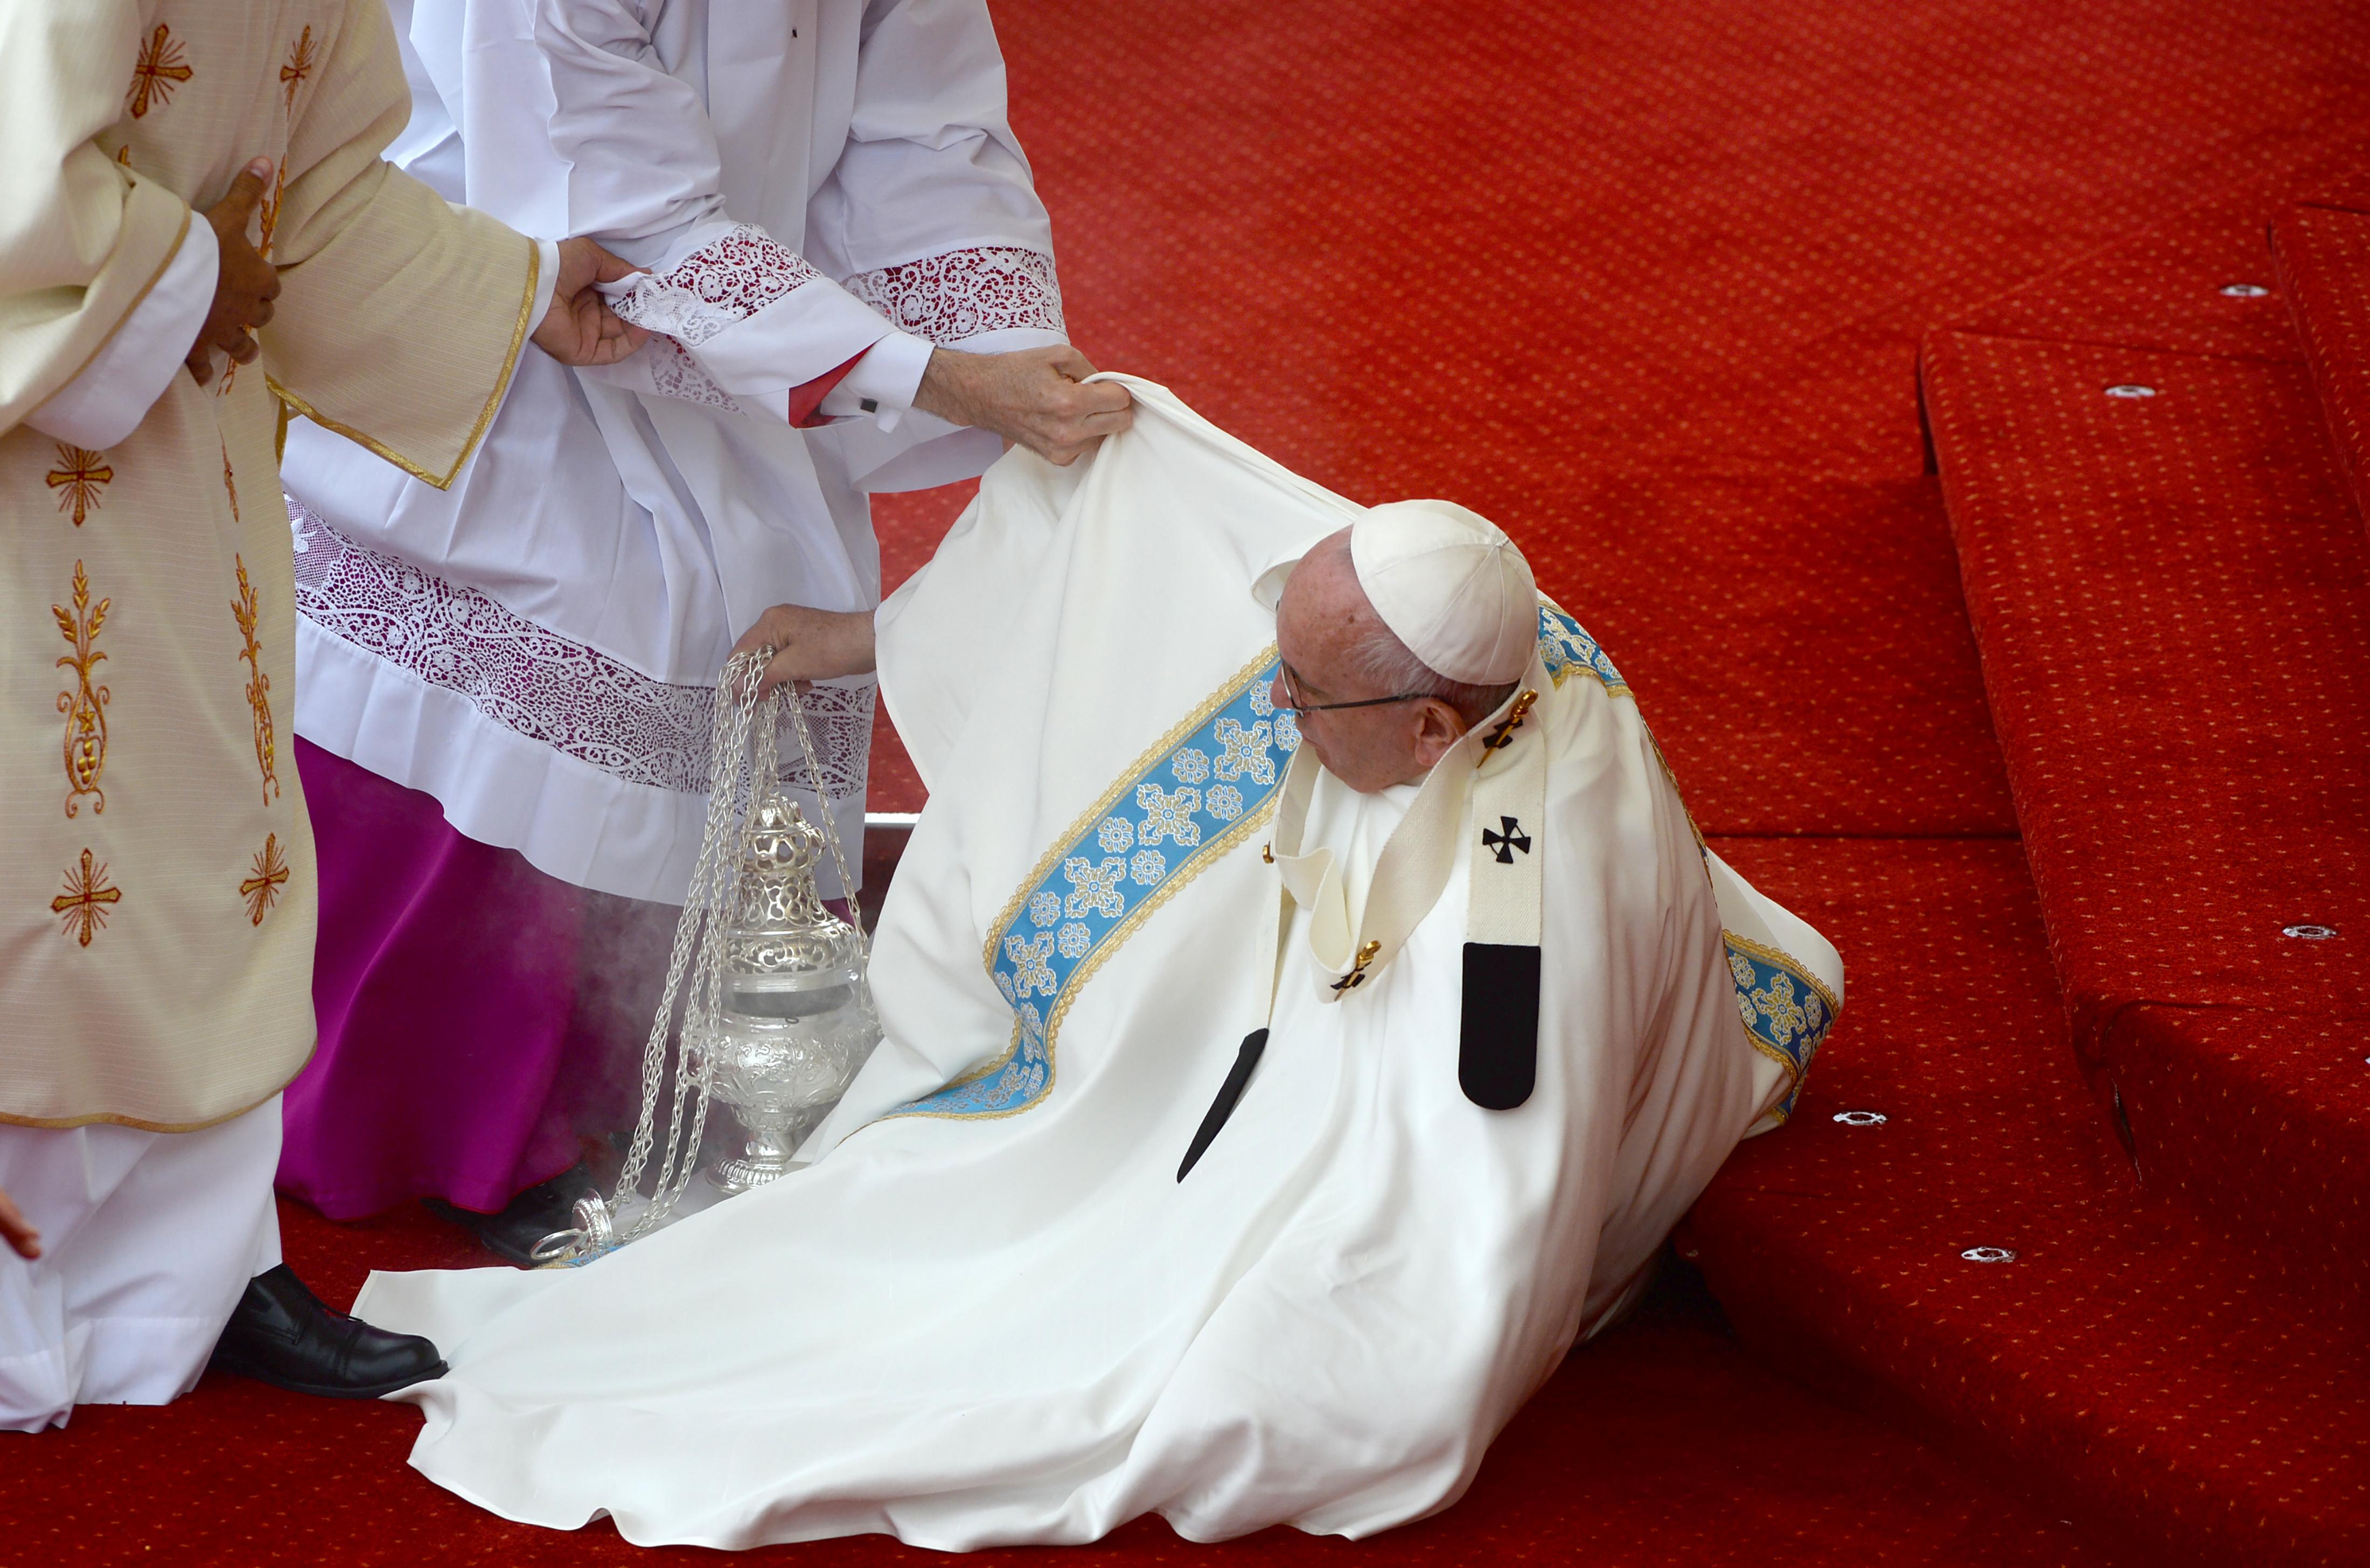 Nagyot esett, de nem sérült meg a pápa Krakkóban